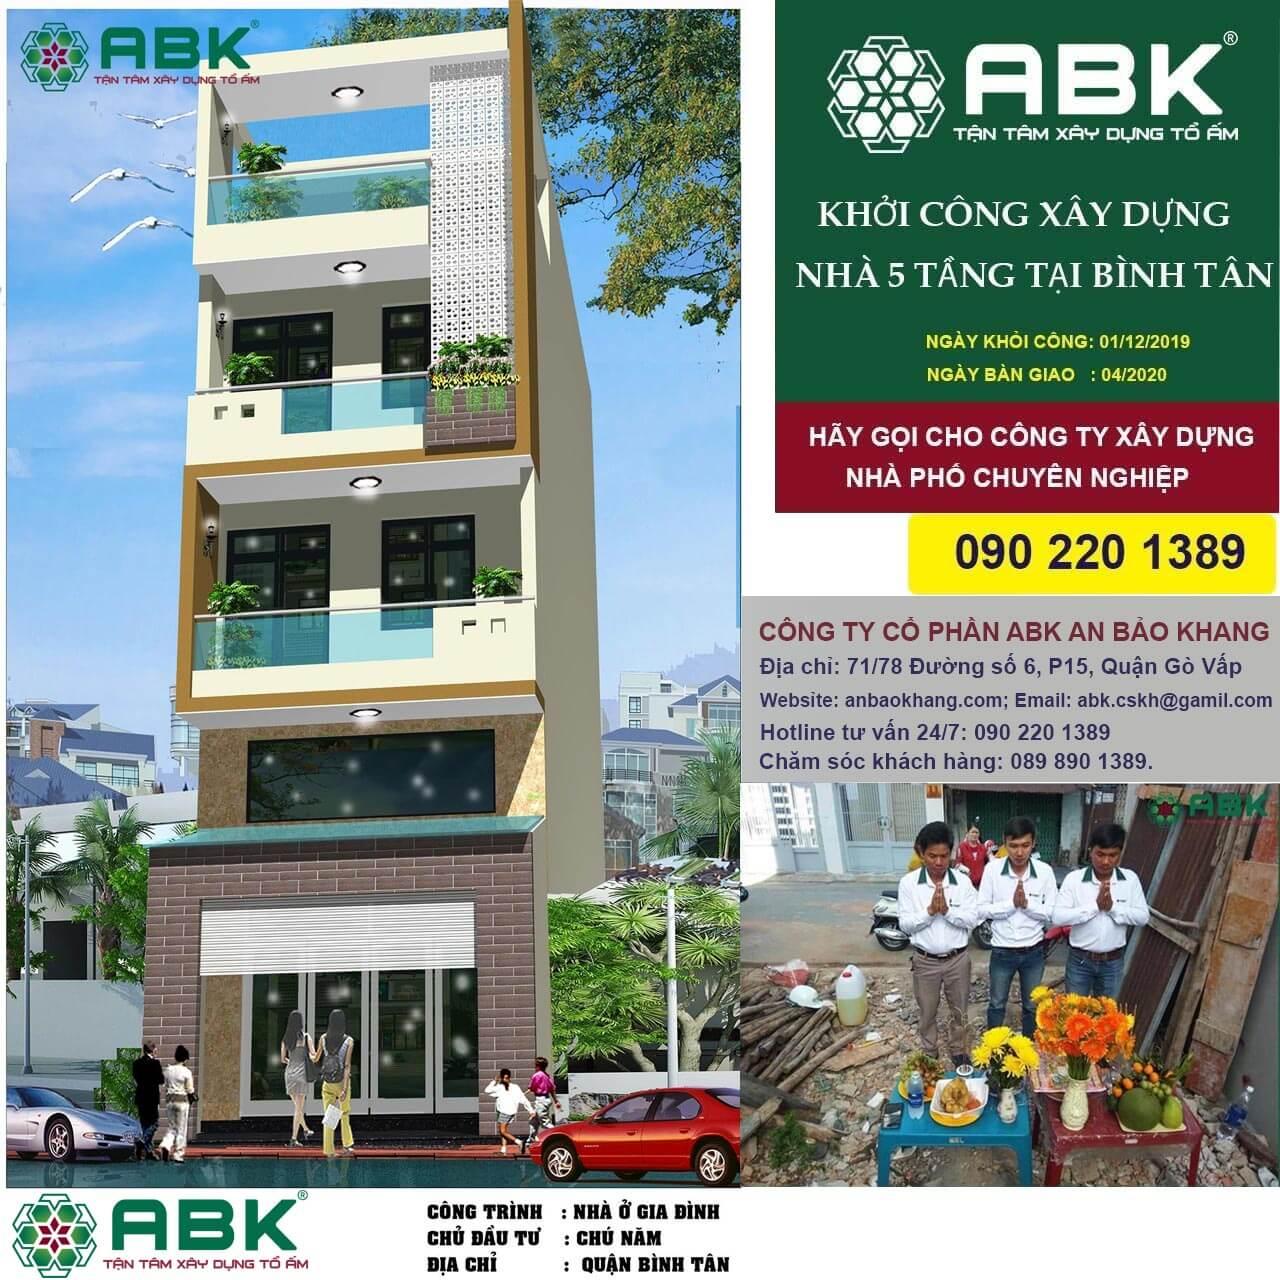 Khởi công động thổ công trình nhà Anh Á tại Bình Tân